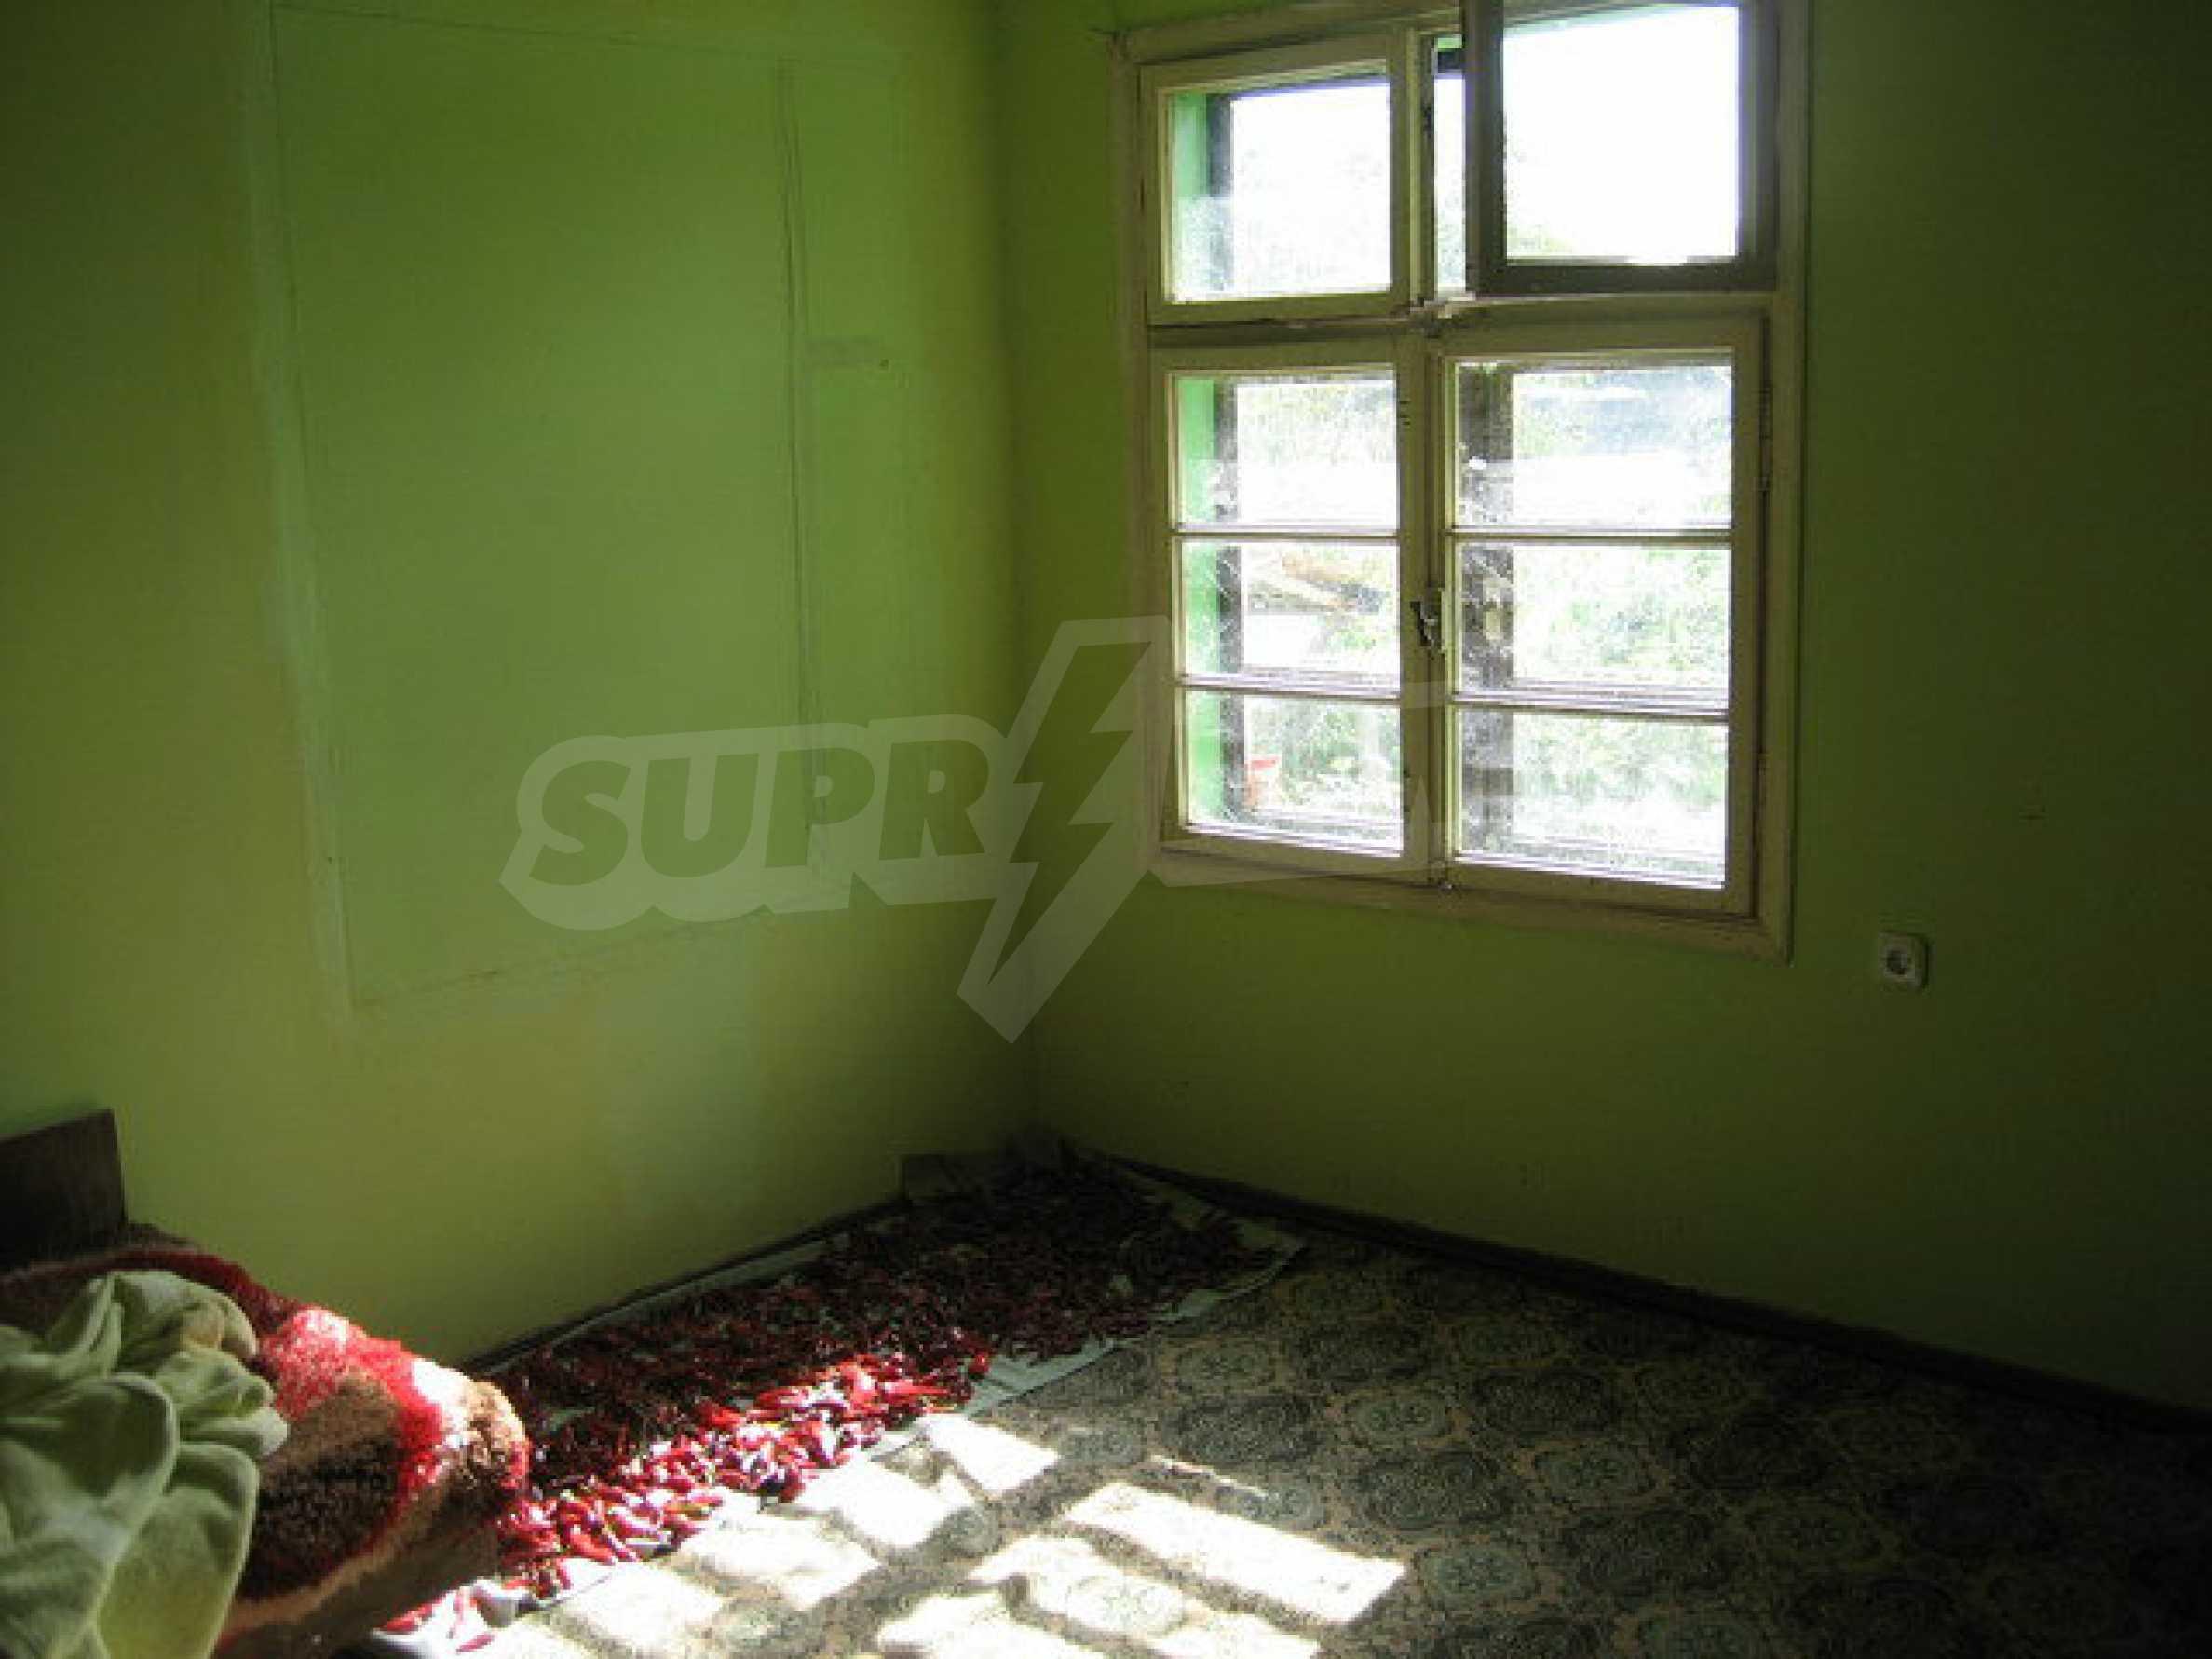 Wohnhaus in einer malerischen Gegend in der Nähe von Veliko Tarnovo 19